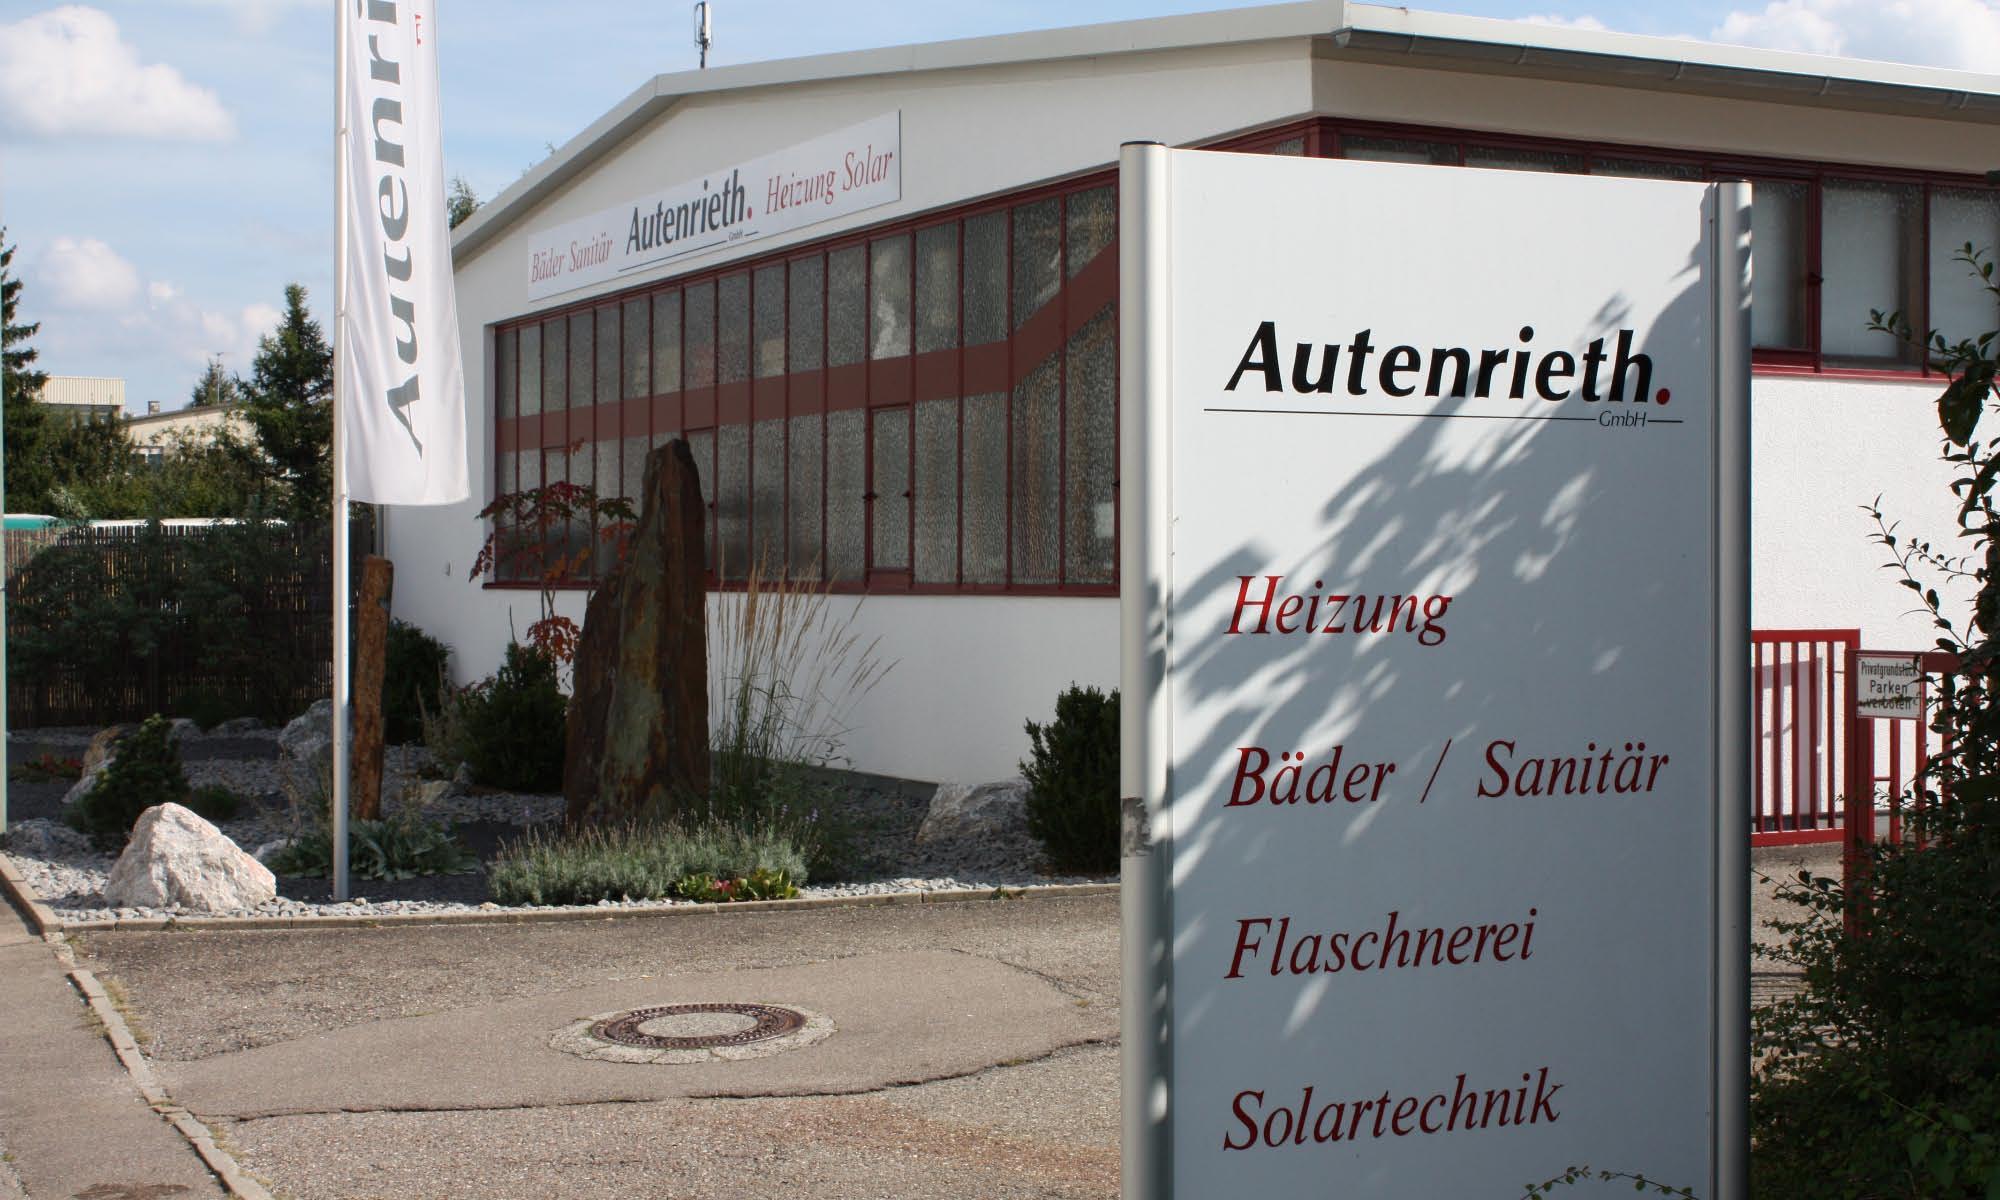 Autenrieth GmbH